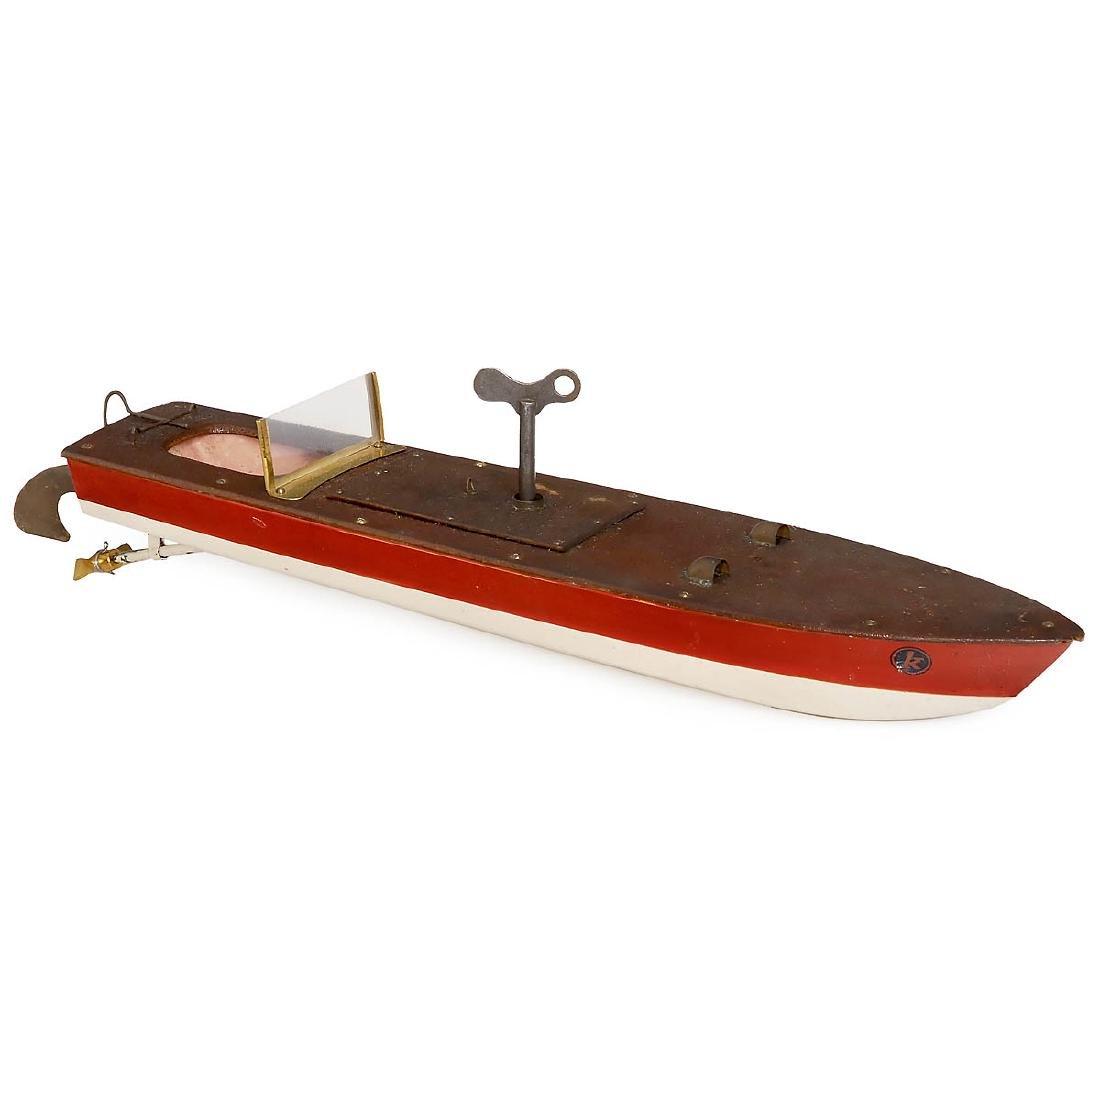 Märklin Racing Boat for the French Market, c. 1935